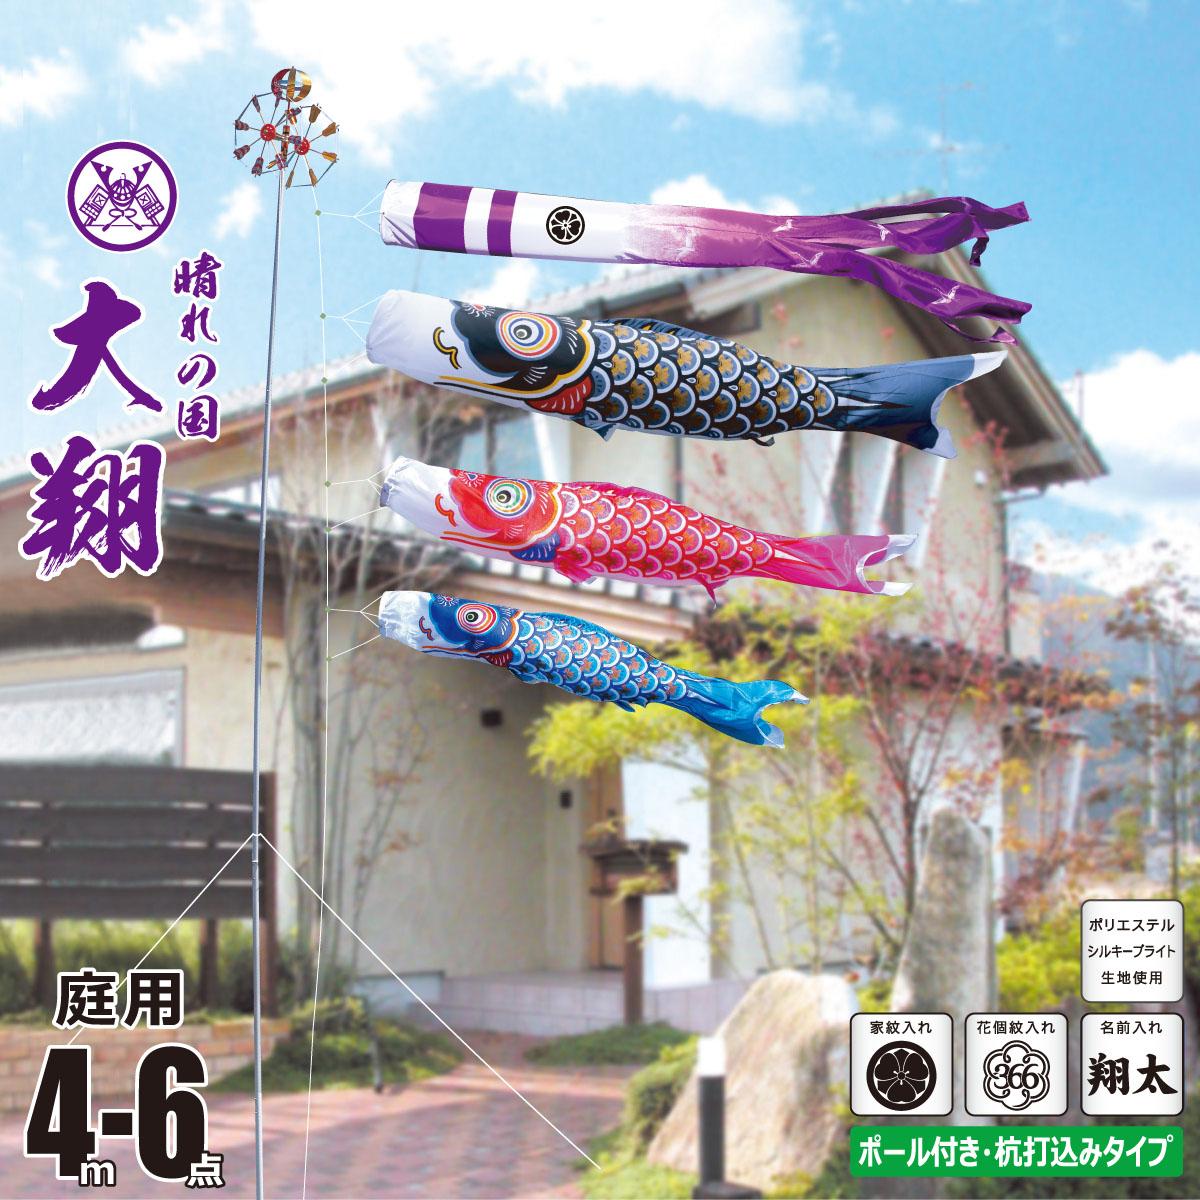 こいのぼり 4m 大翔 6点 (矢車、ロープ、吹流し、鯉3匹) 庭園用 ガーデンセット (専用ポール一式) 徳永鯉のぼり KIT-003-878